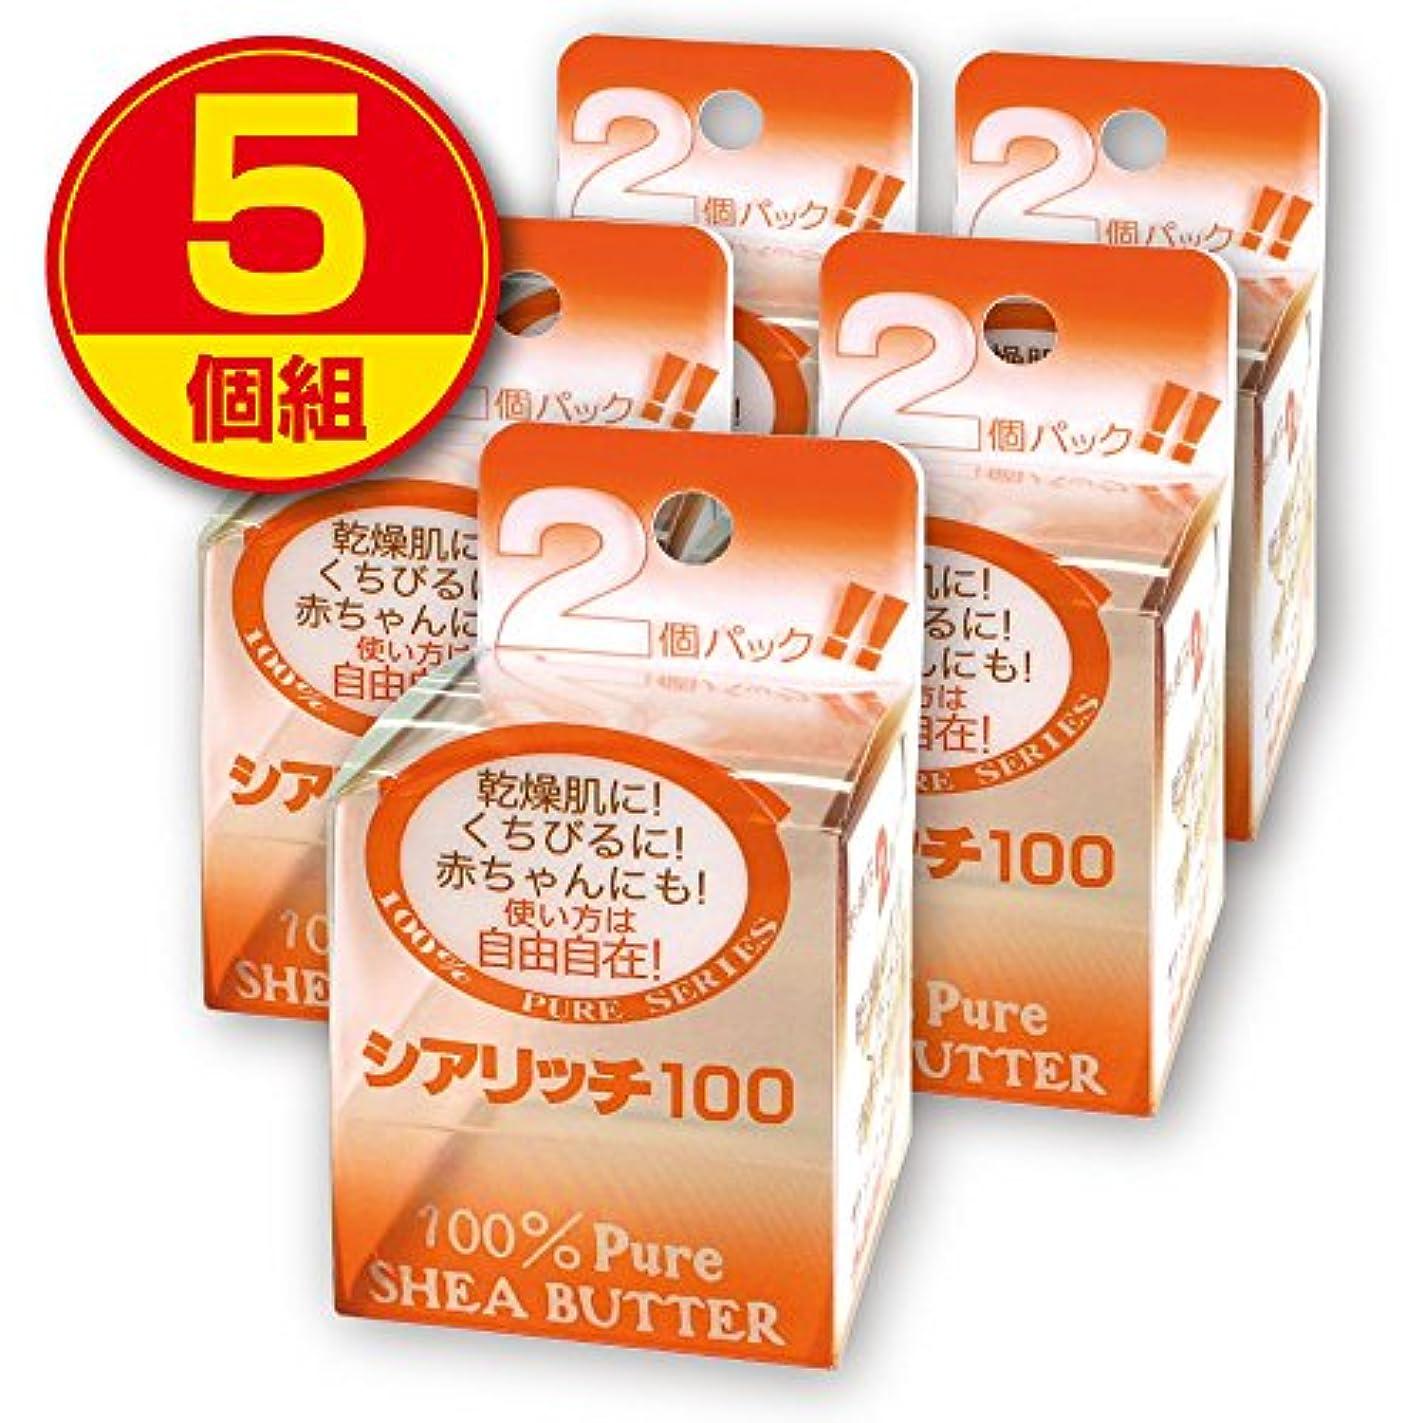 破裂会員クリエイティブ日本天然物研究所 シアリッチ100 (8g×2個入り)【5個組】(無添加100%シアバター)無香料